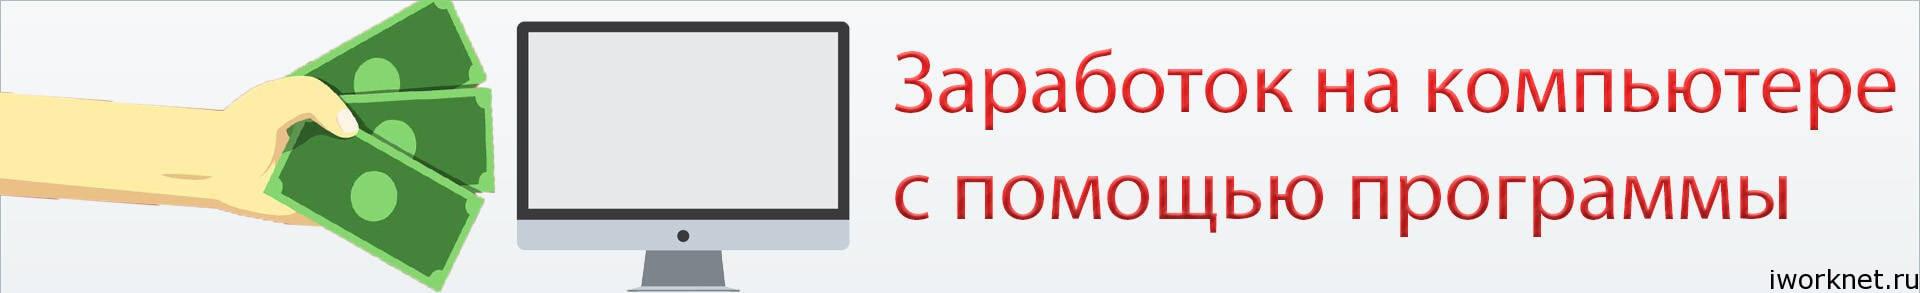 Заработок на компьютере с помощью программ